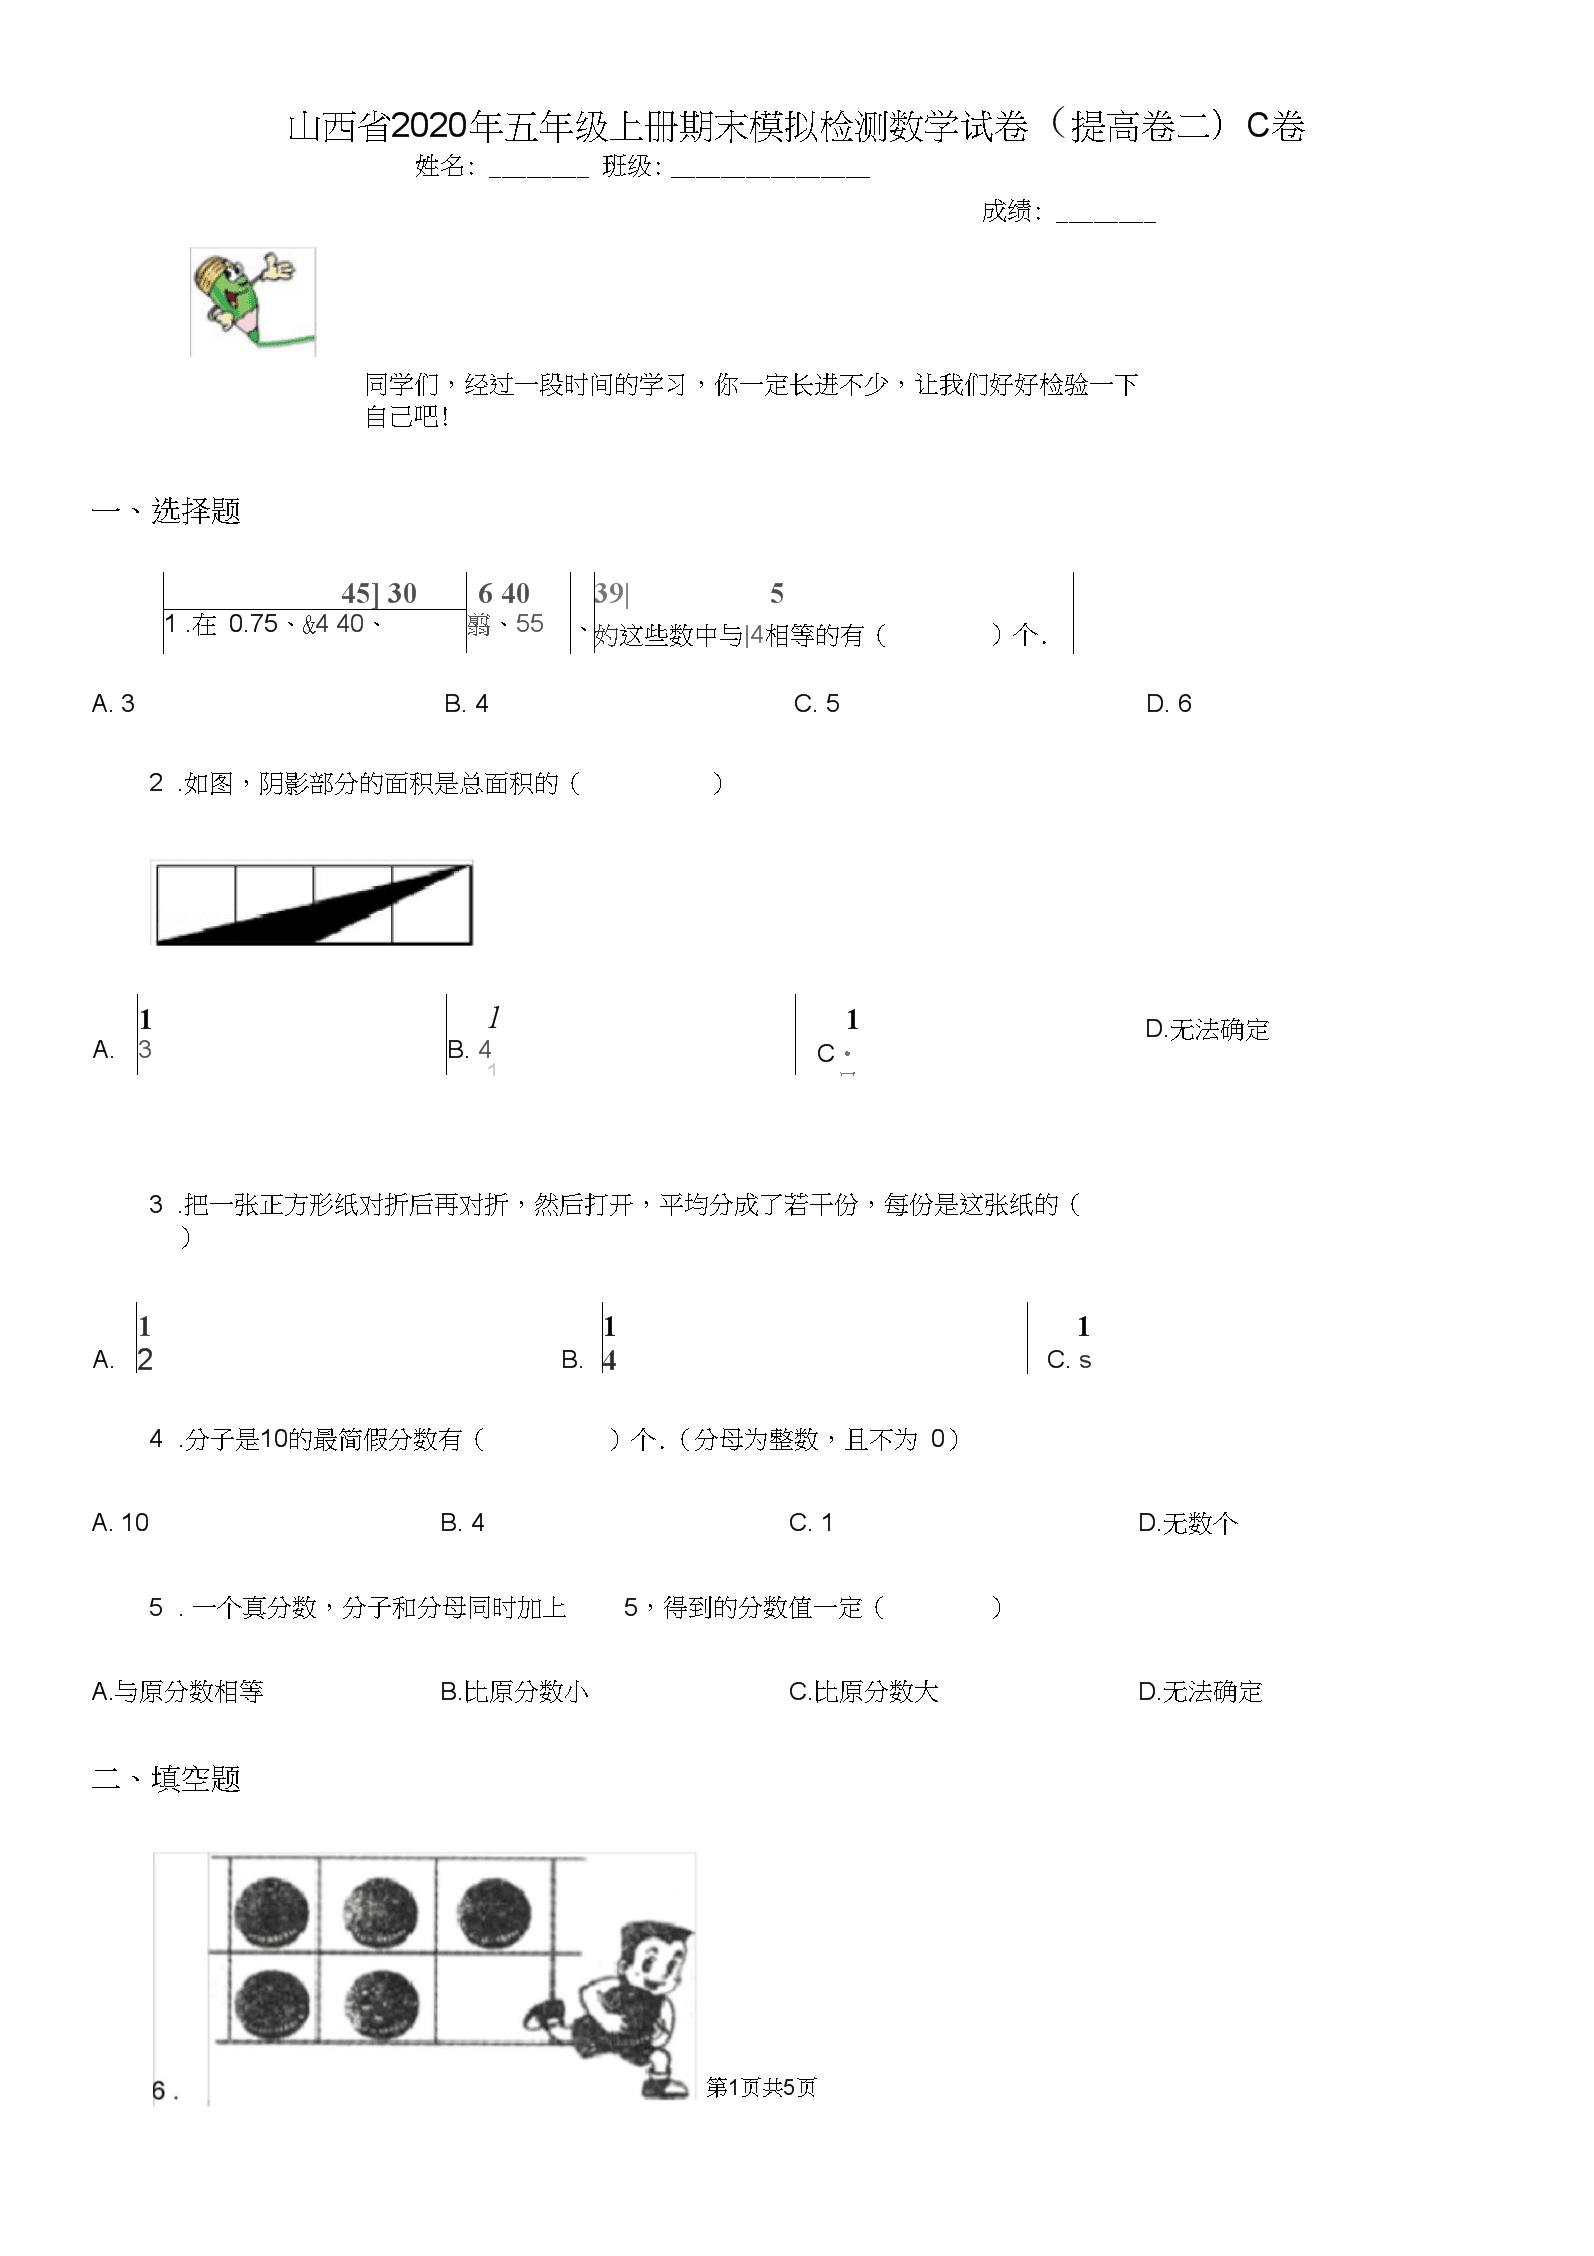 山西省2020年五年级上册期末模拟检测数学试卷(提高卷二)C卷.docx